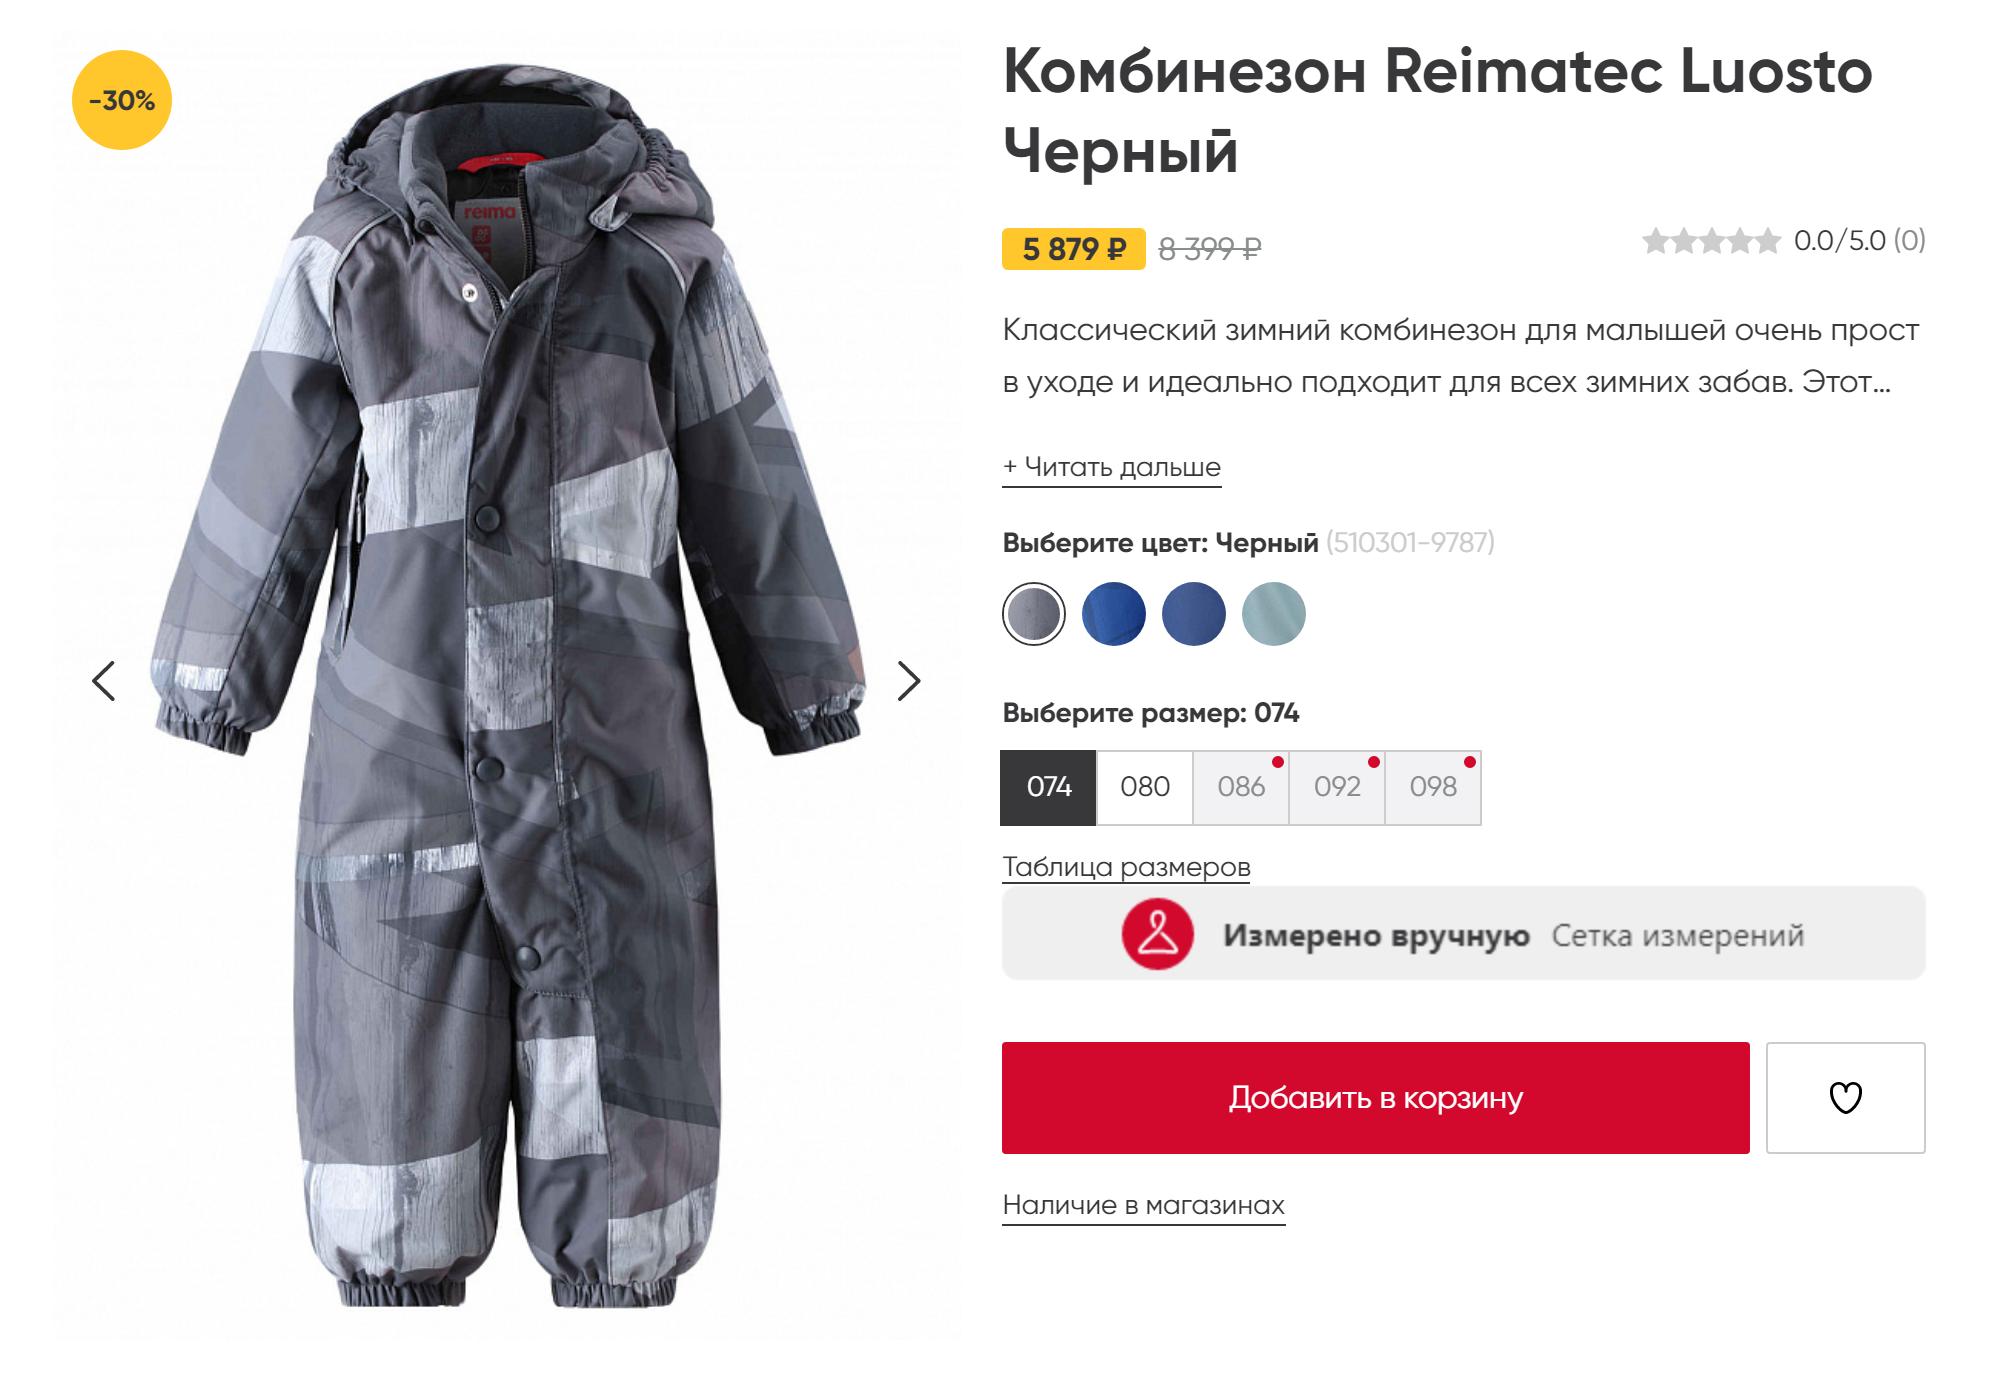 Комбинезоны, которые я купила, аналогичны этому. Когда покупала, цены в магазине были близки к зачеркнутой — 8399<span class=ruble>Р</span>. Я купила значительно дешевле. Источник: reimashop.ru